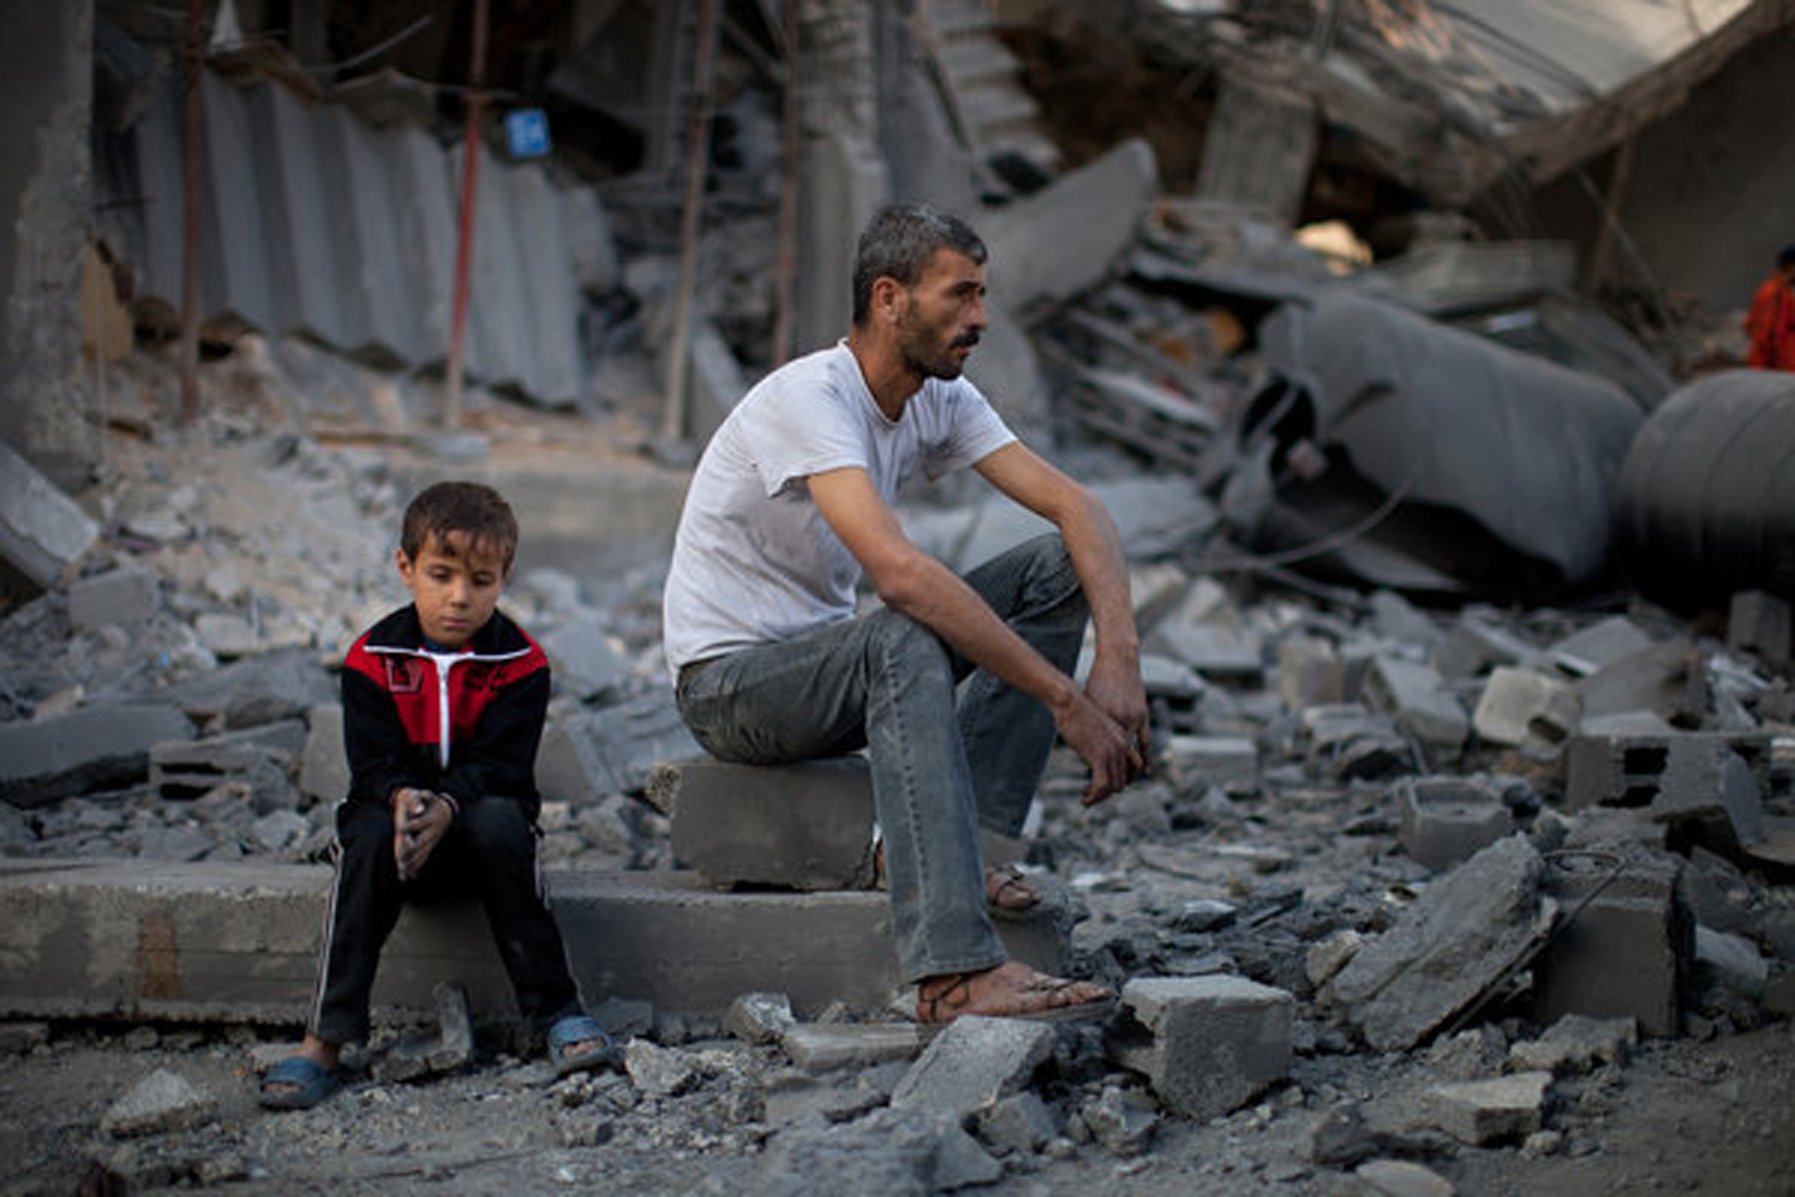 مؤسسات المجتمع المدني في غزة تقدم شكوى للجنايات الدولية